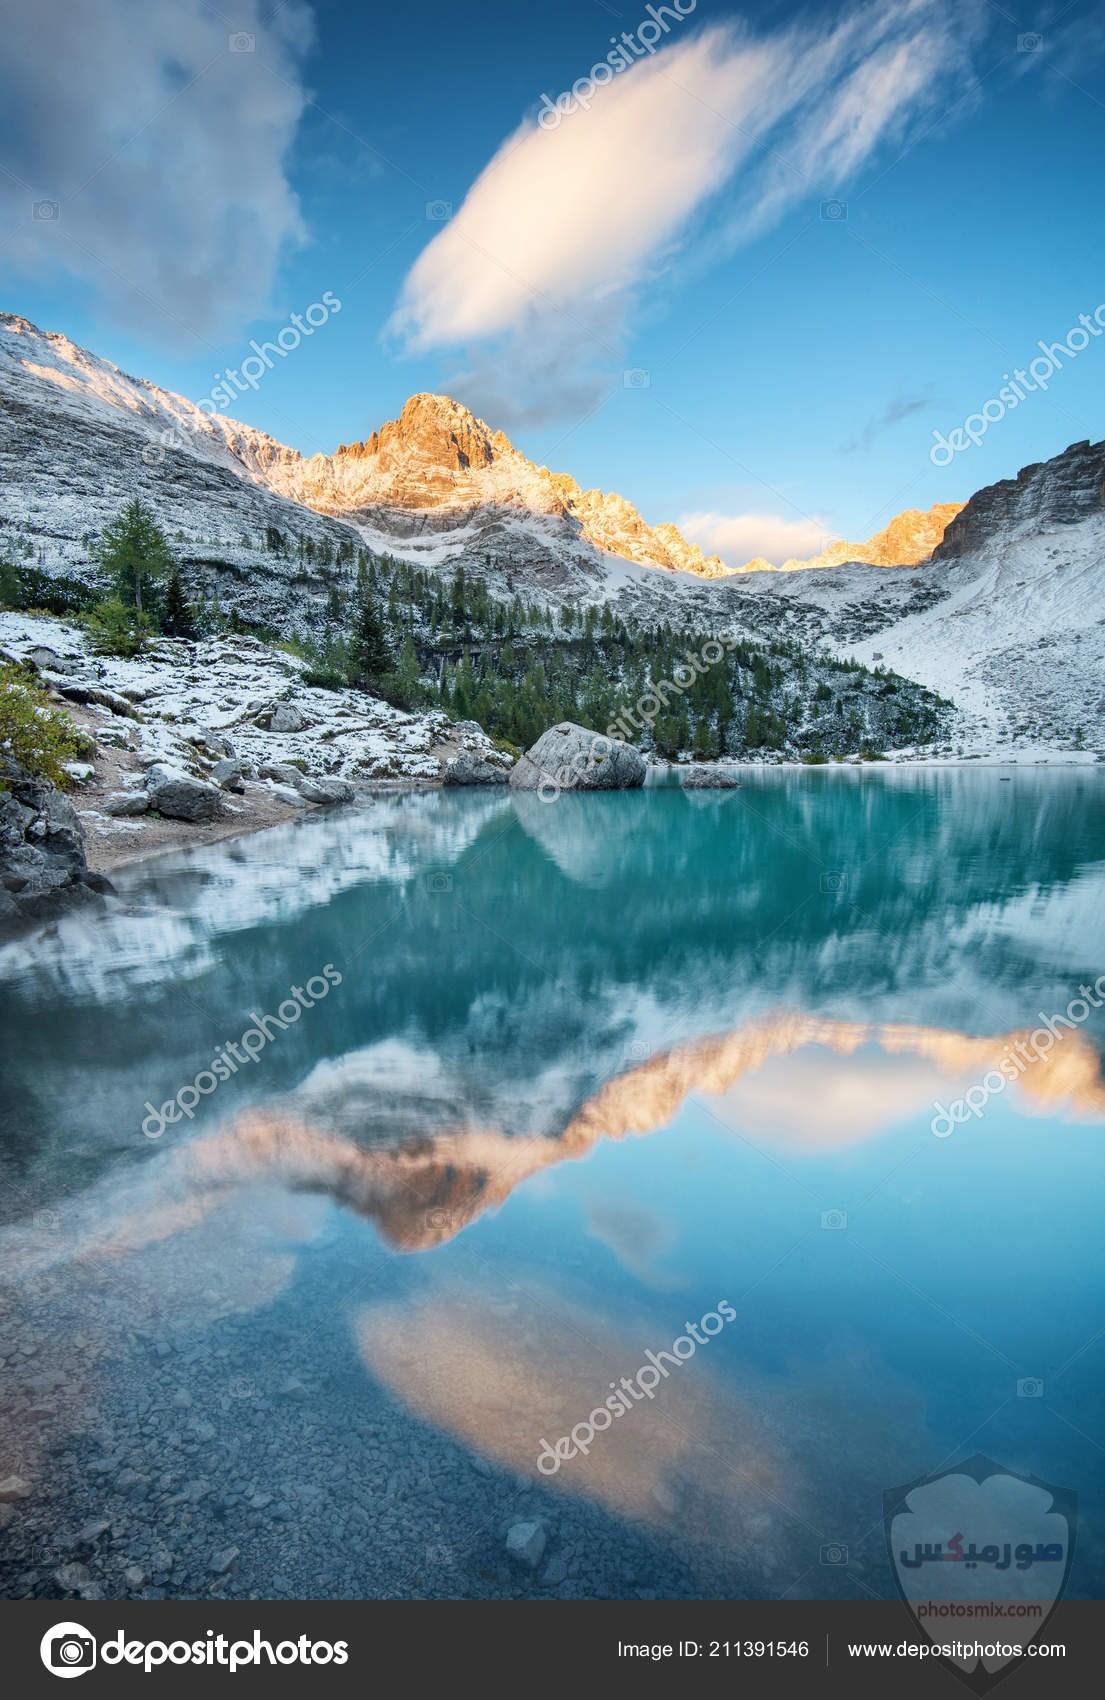 بالصور.. شلالات المياه تزين جبال سانت كاترين 10